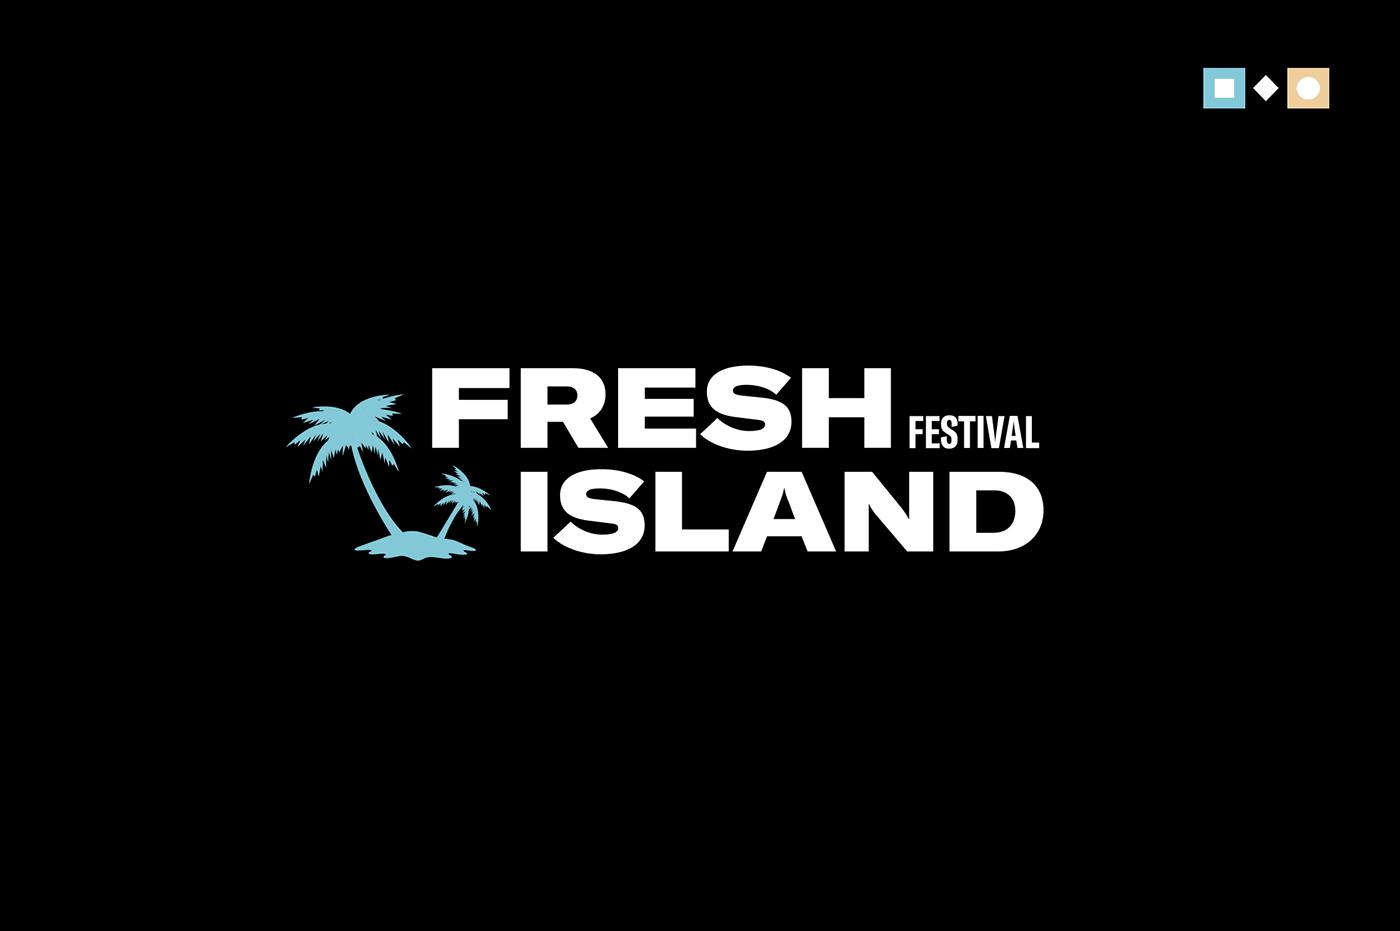 motion branding  guidelines styleguide festival fresh Island animation